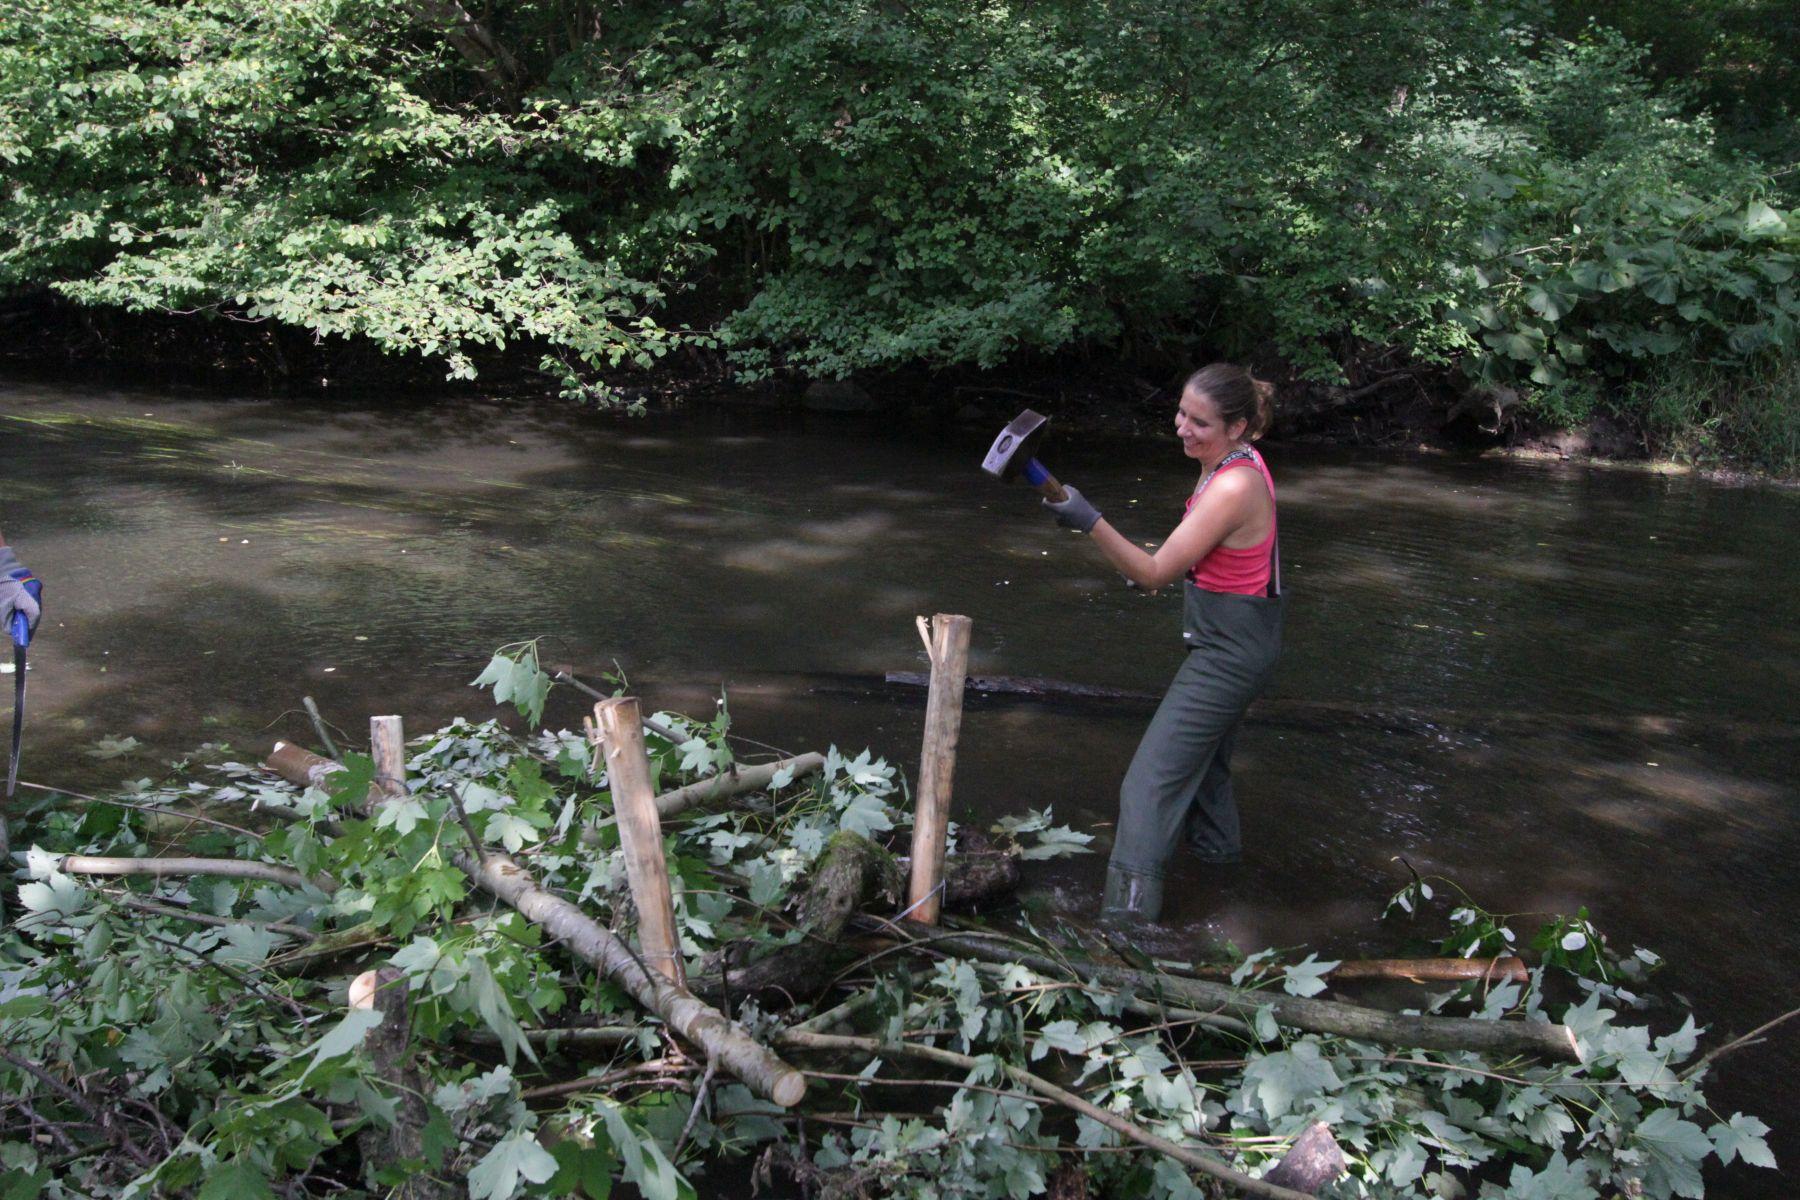 Übung macht den Meister bei der Arbeit mit dem Vorschlaghammer (Foto: A. Lampe).